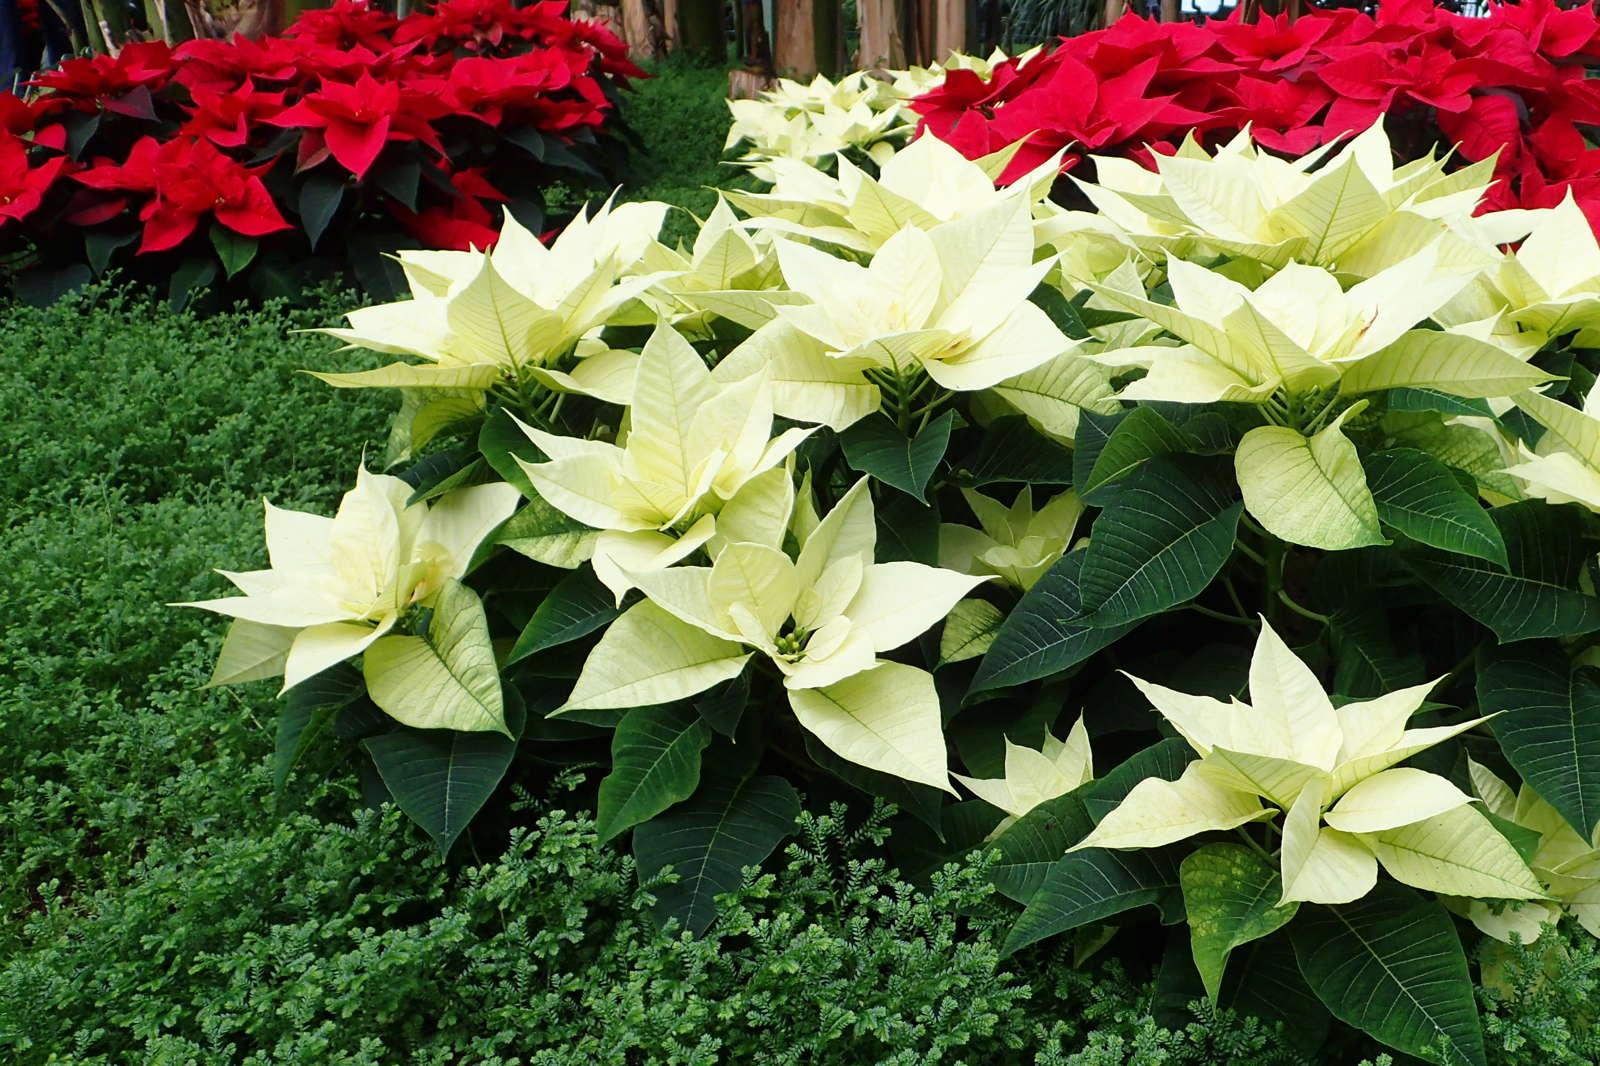 Weihnachtsstern Wieder Zum Bluhen Bringen Anleitung Plantura